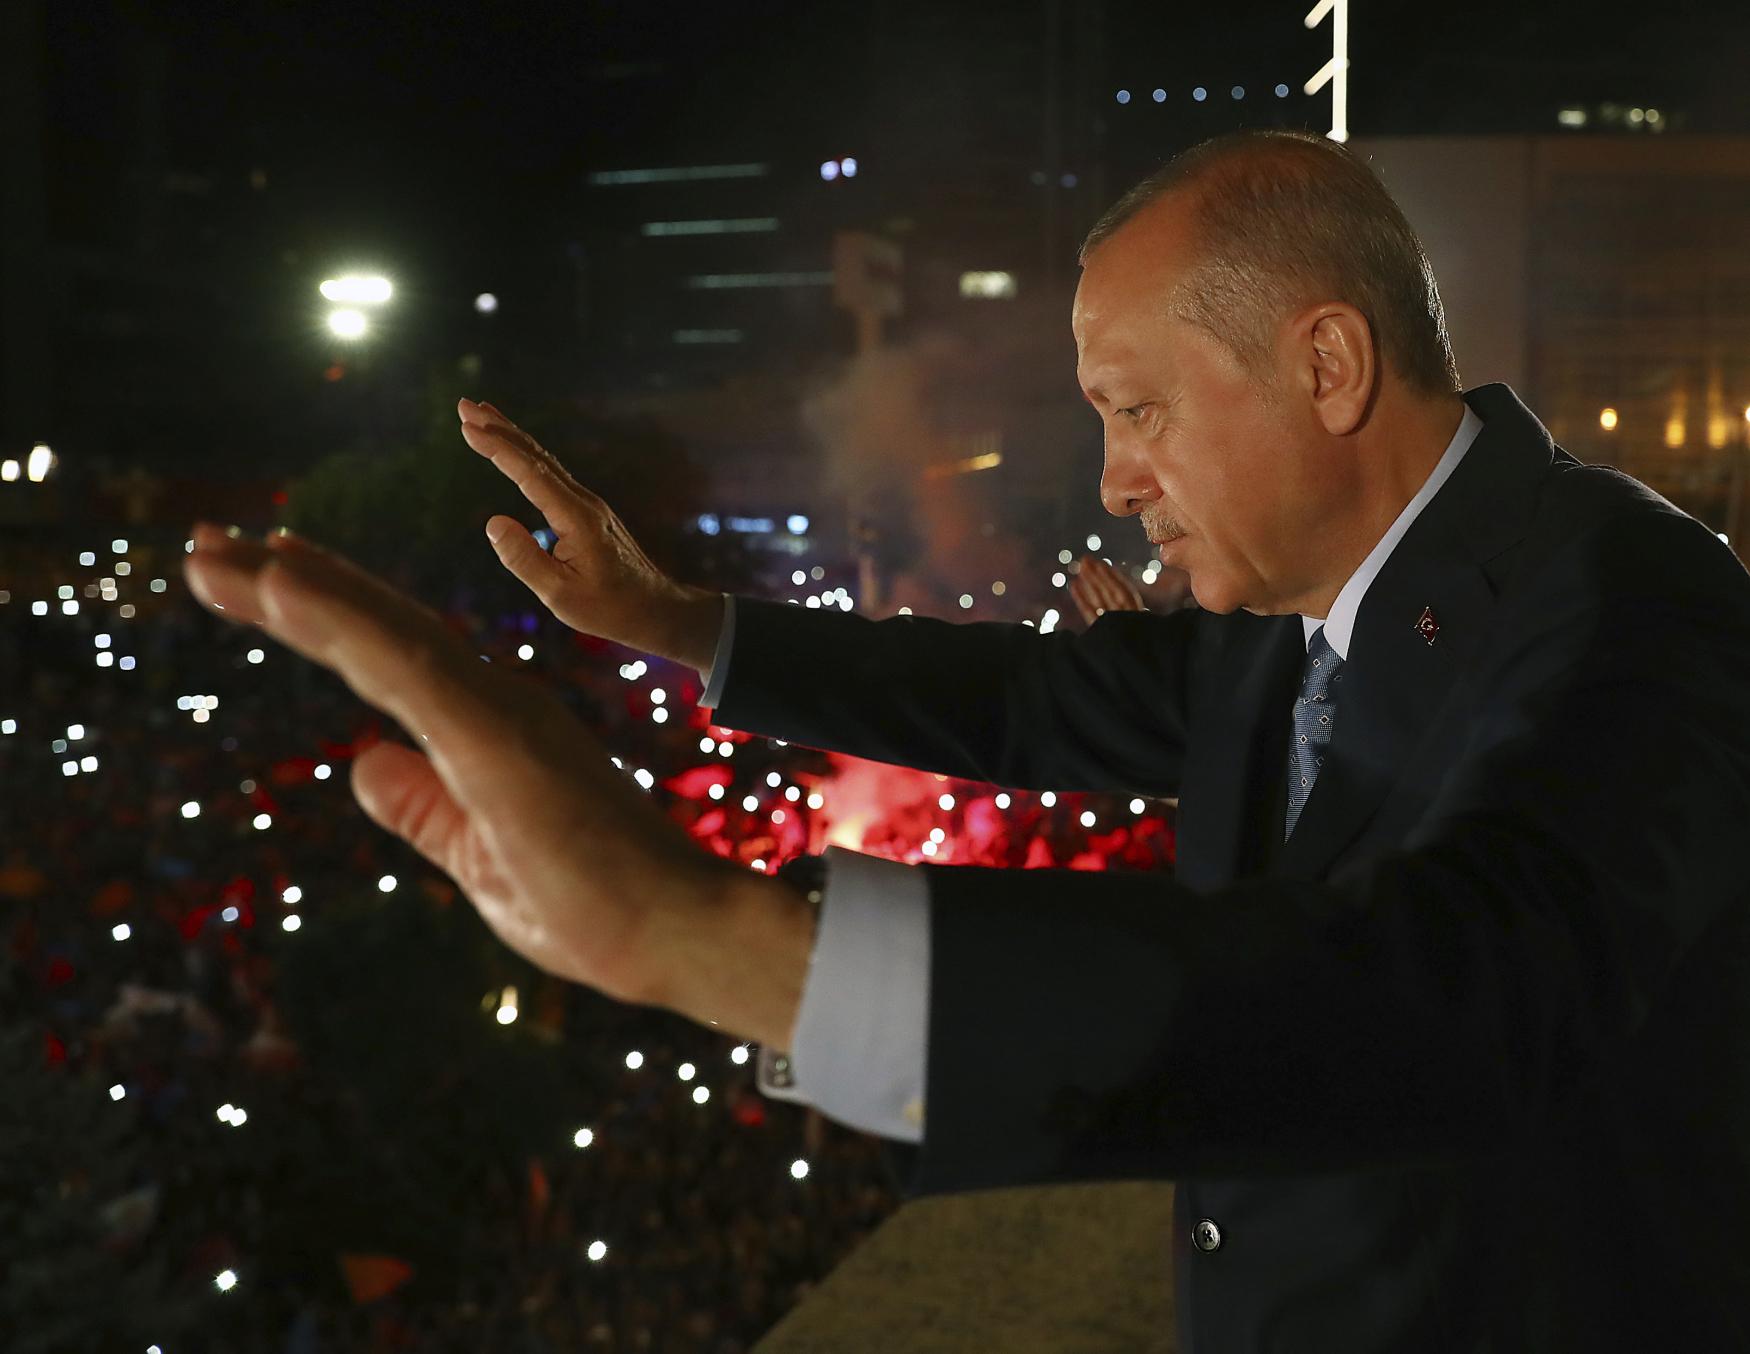 Turecké parlamentní a prezidentské volby dopadly tak, jak doufal Racep Tayyip Erdogan a jak se obávala opozice